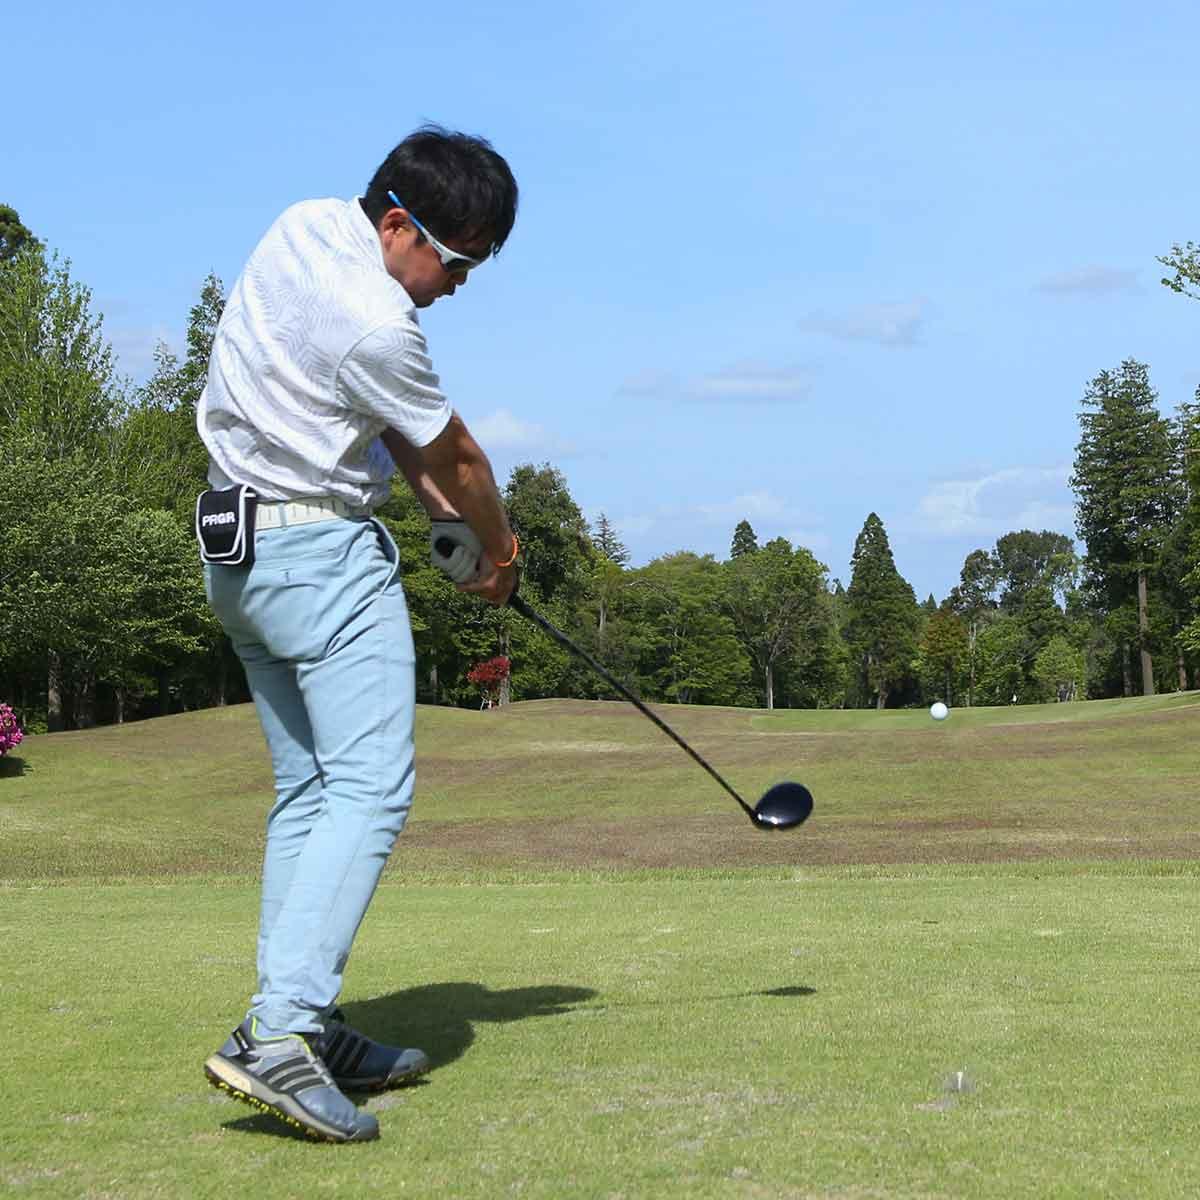 ゴルフ初心者にはコレ! おすすめの「やさしいドライバー」7本